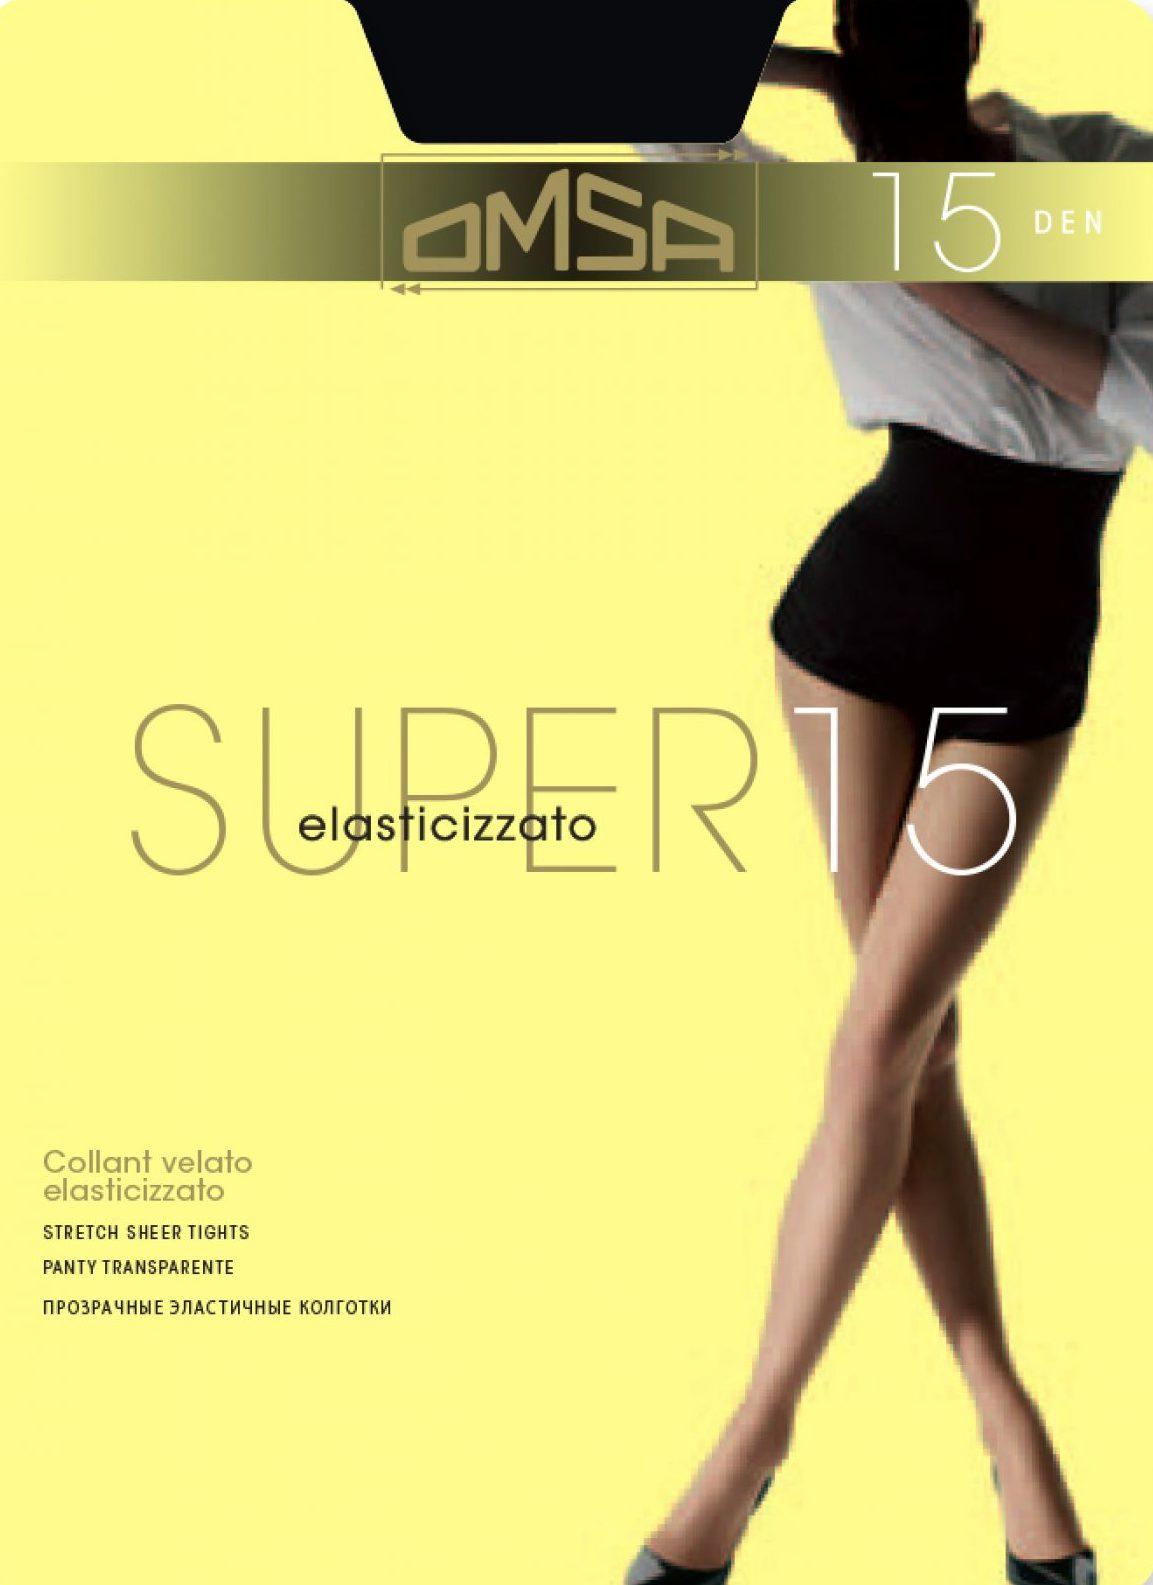 Καλσόν OMSA Super 15,μαύρο.